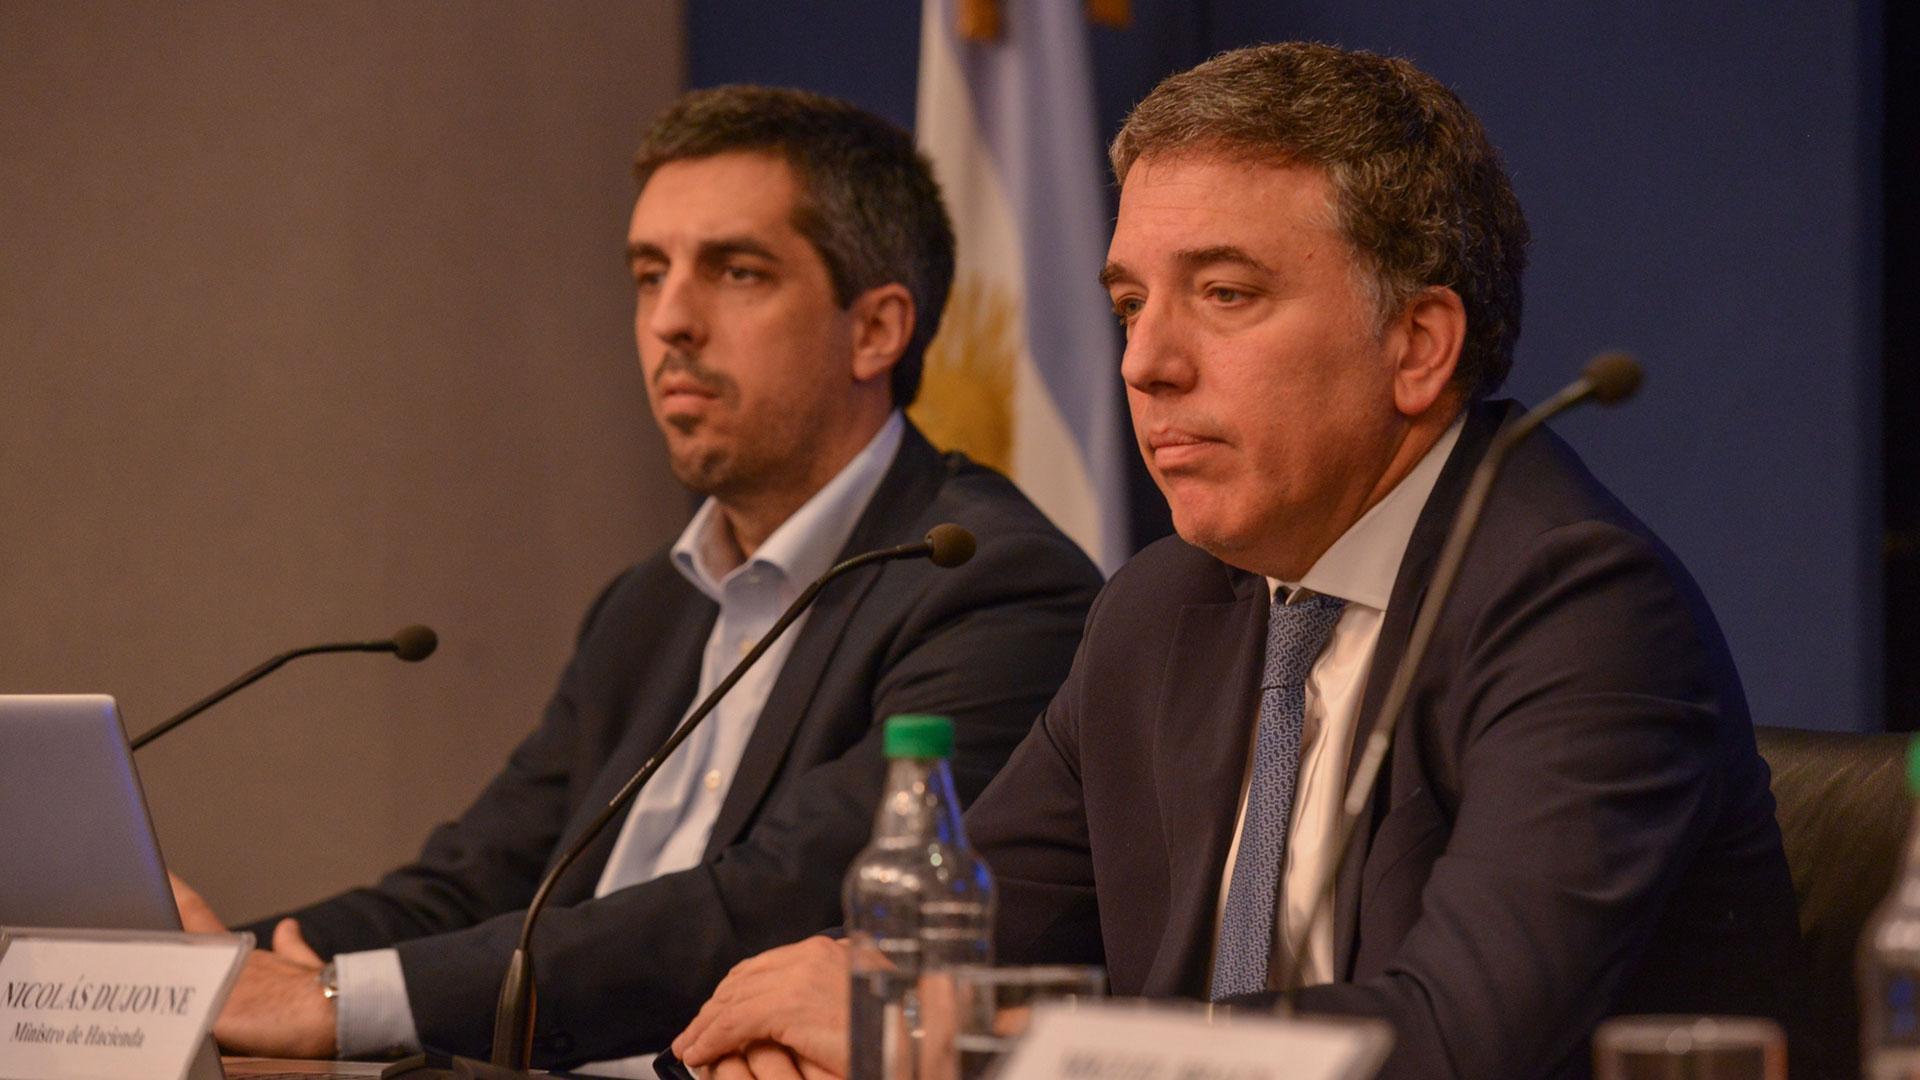 El secretario y el ministro de Hacienda aseguraron que se está sobrecumpliendo la meta fiscal con menos impuestos y menos gastos